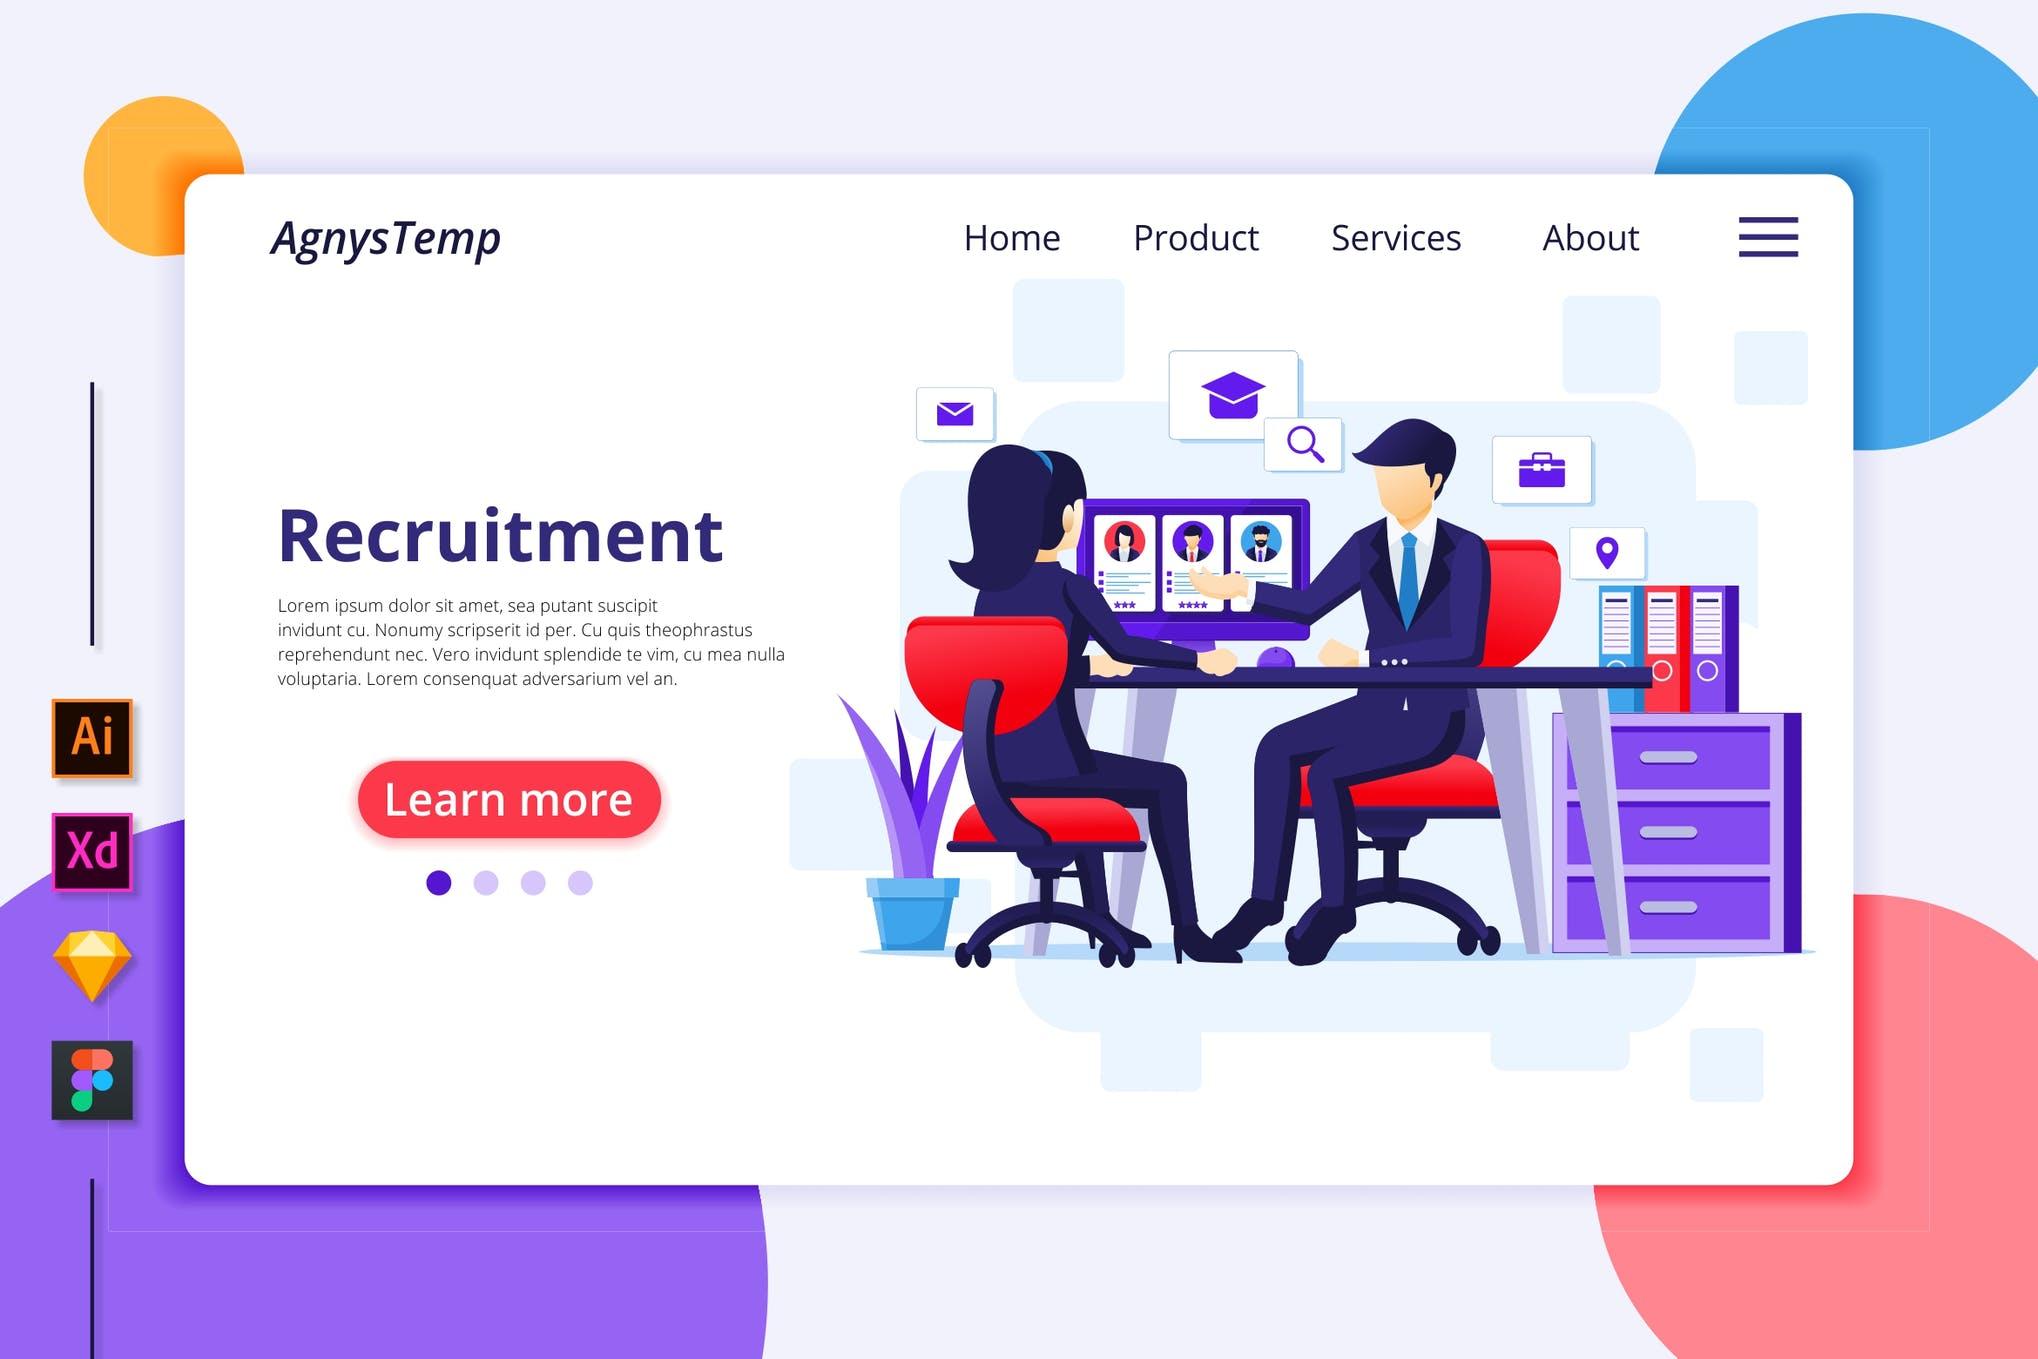 Agnytemp-招聘插图v4 网页模板banner图素材下载